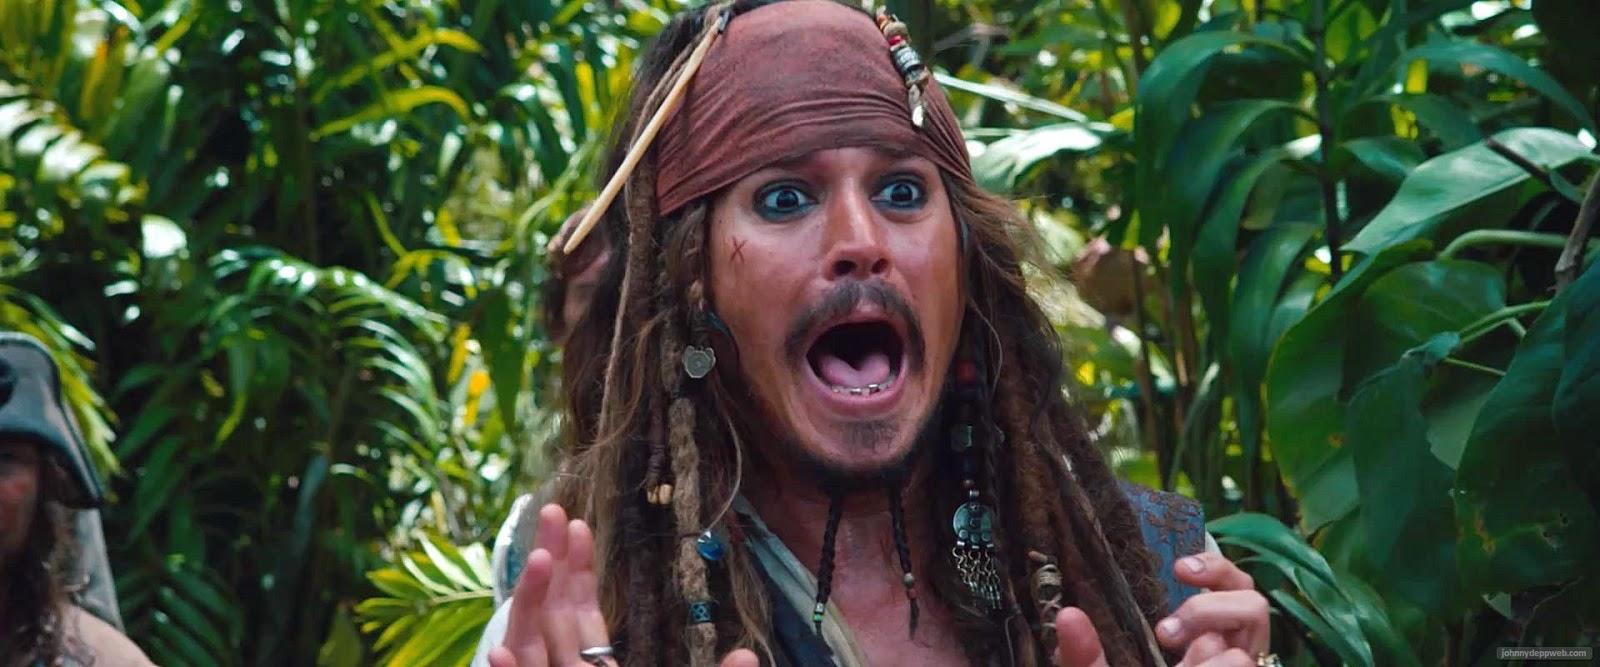 Pirati dei Caraibi Ai confini del mondo Wikiquote - frasi jack sparrow pirati dei caraibi